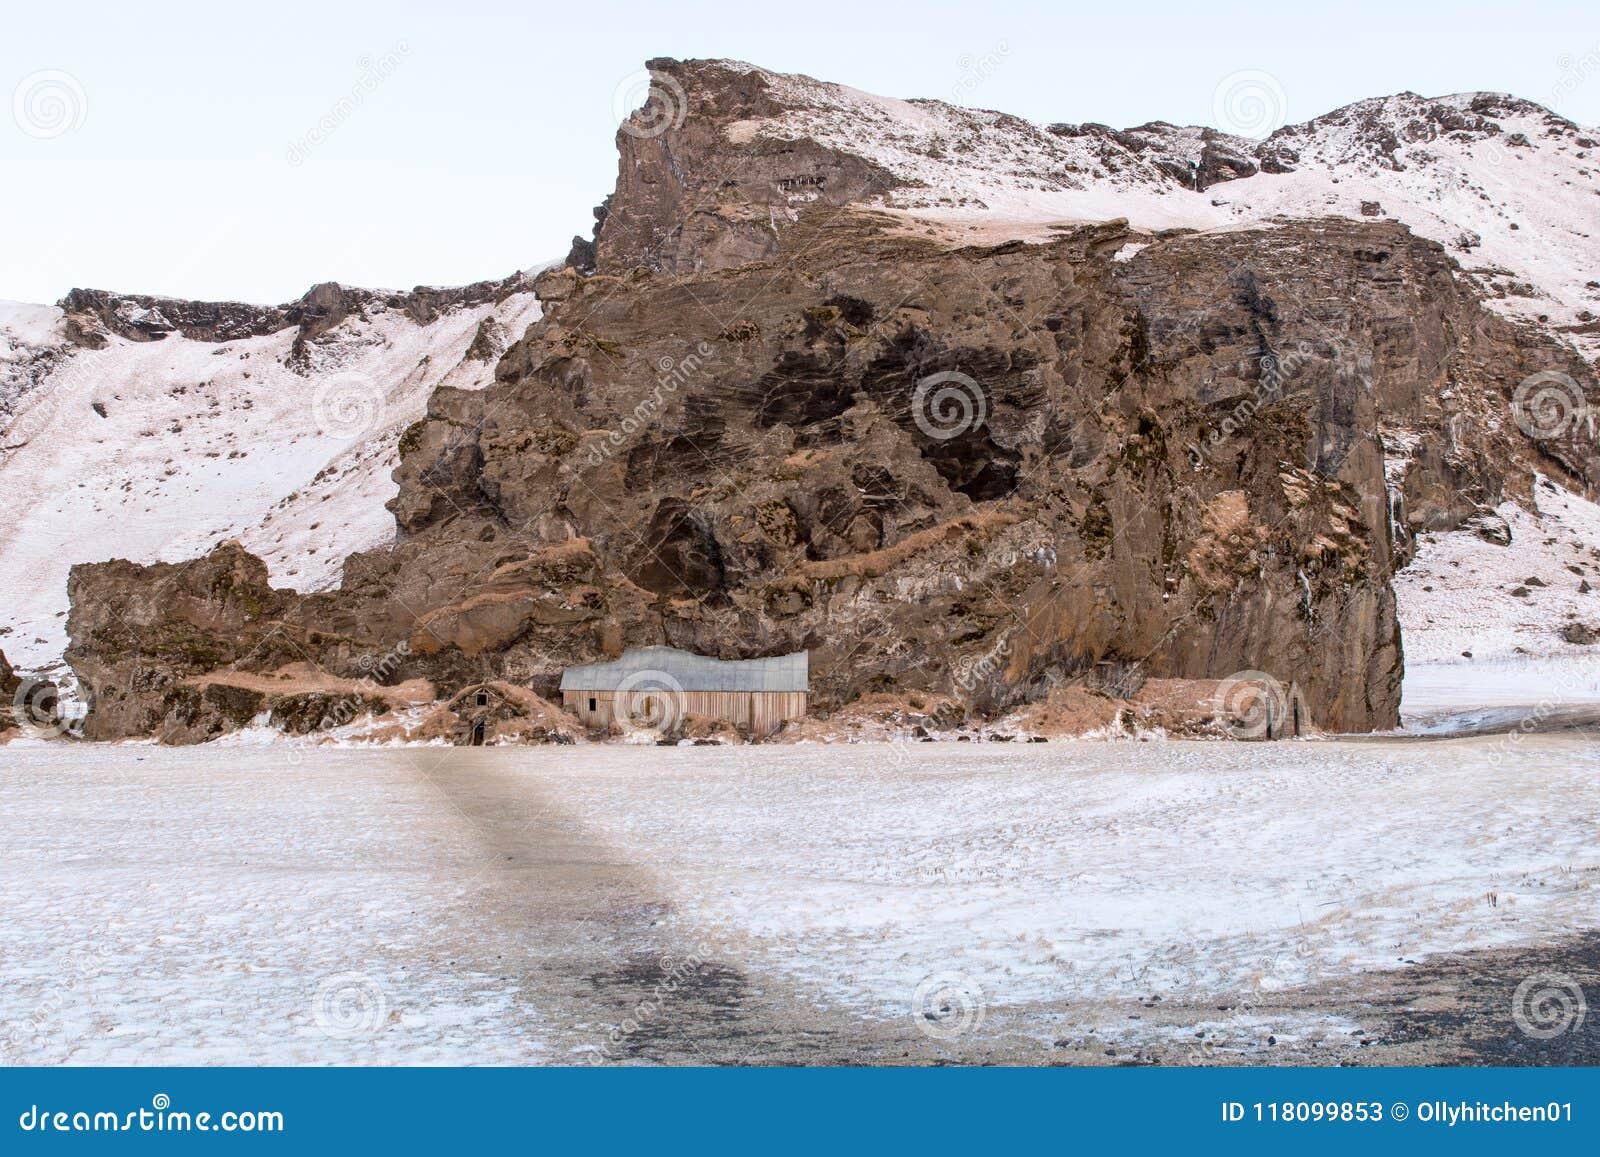 Camere islandesi tradizionali e antiche del tappeto erboso